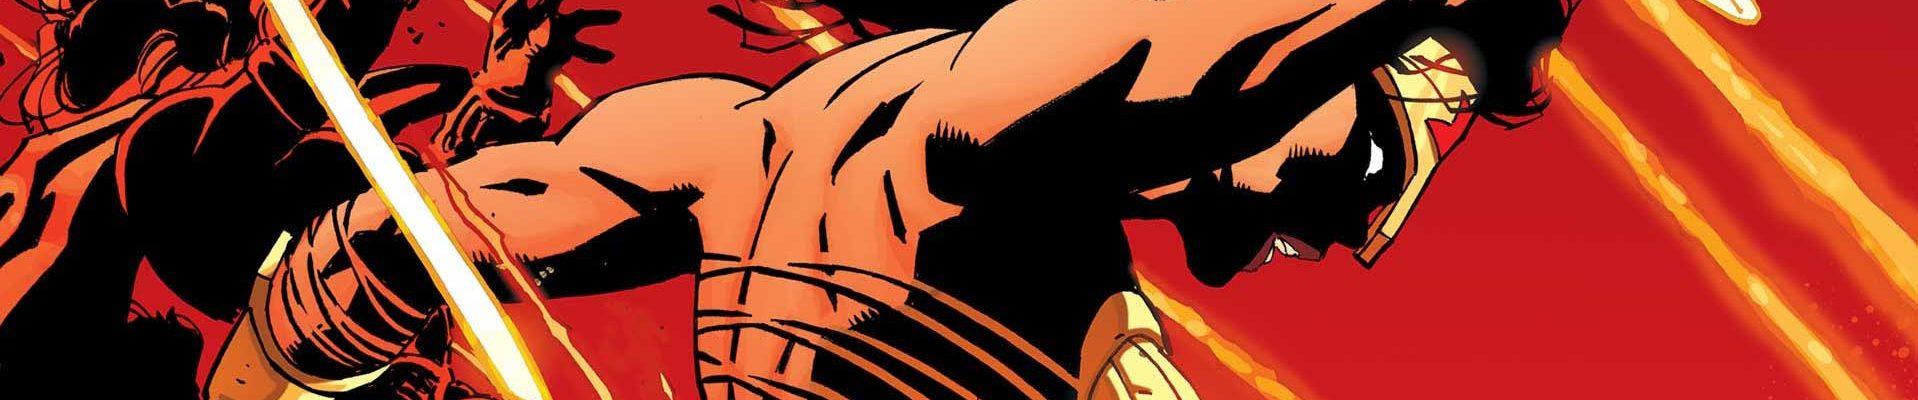 Dark Knight III Master Race 8